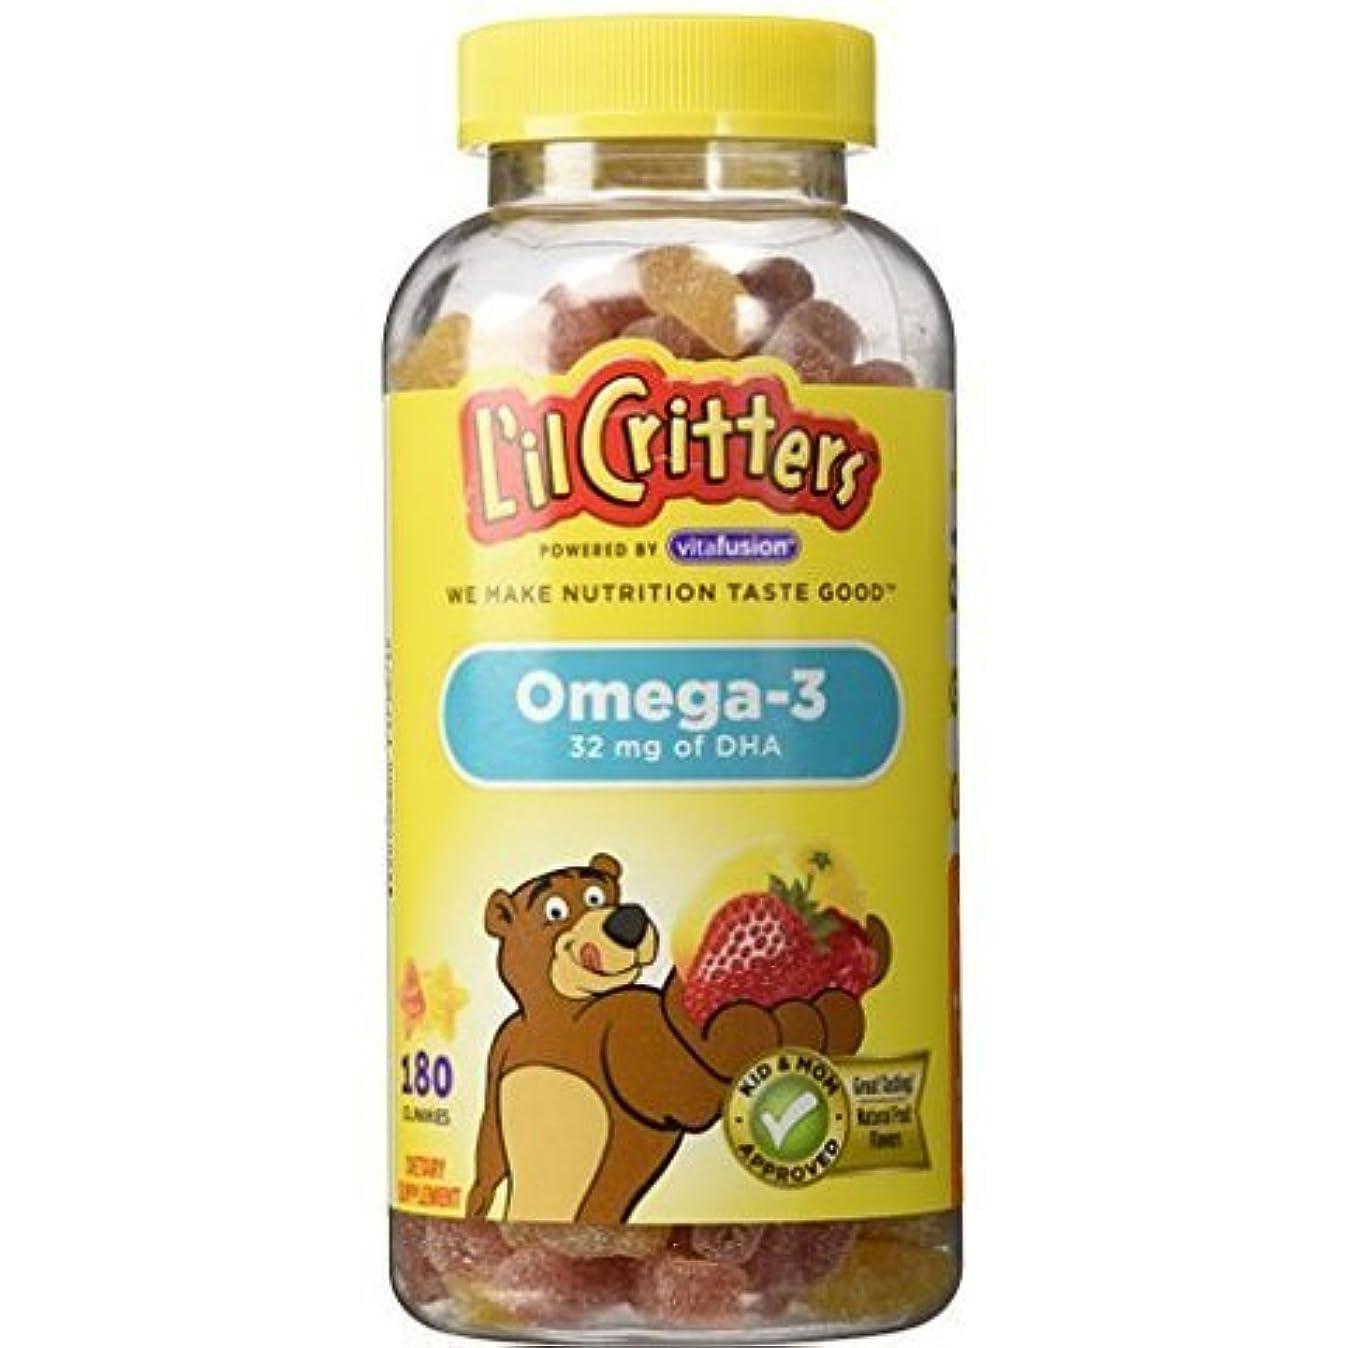 印象派遺産突き刺すL'il Critters クルクリターズ 子供用ビタミングミ オメガ3 DHA 180粒 [並行輸入品]